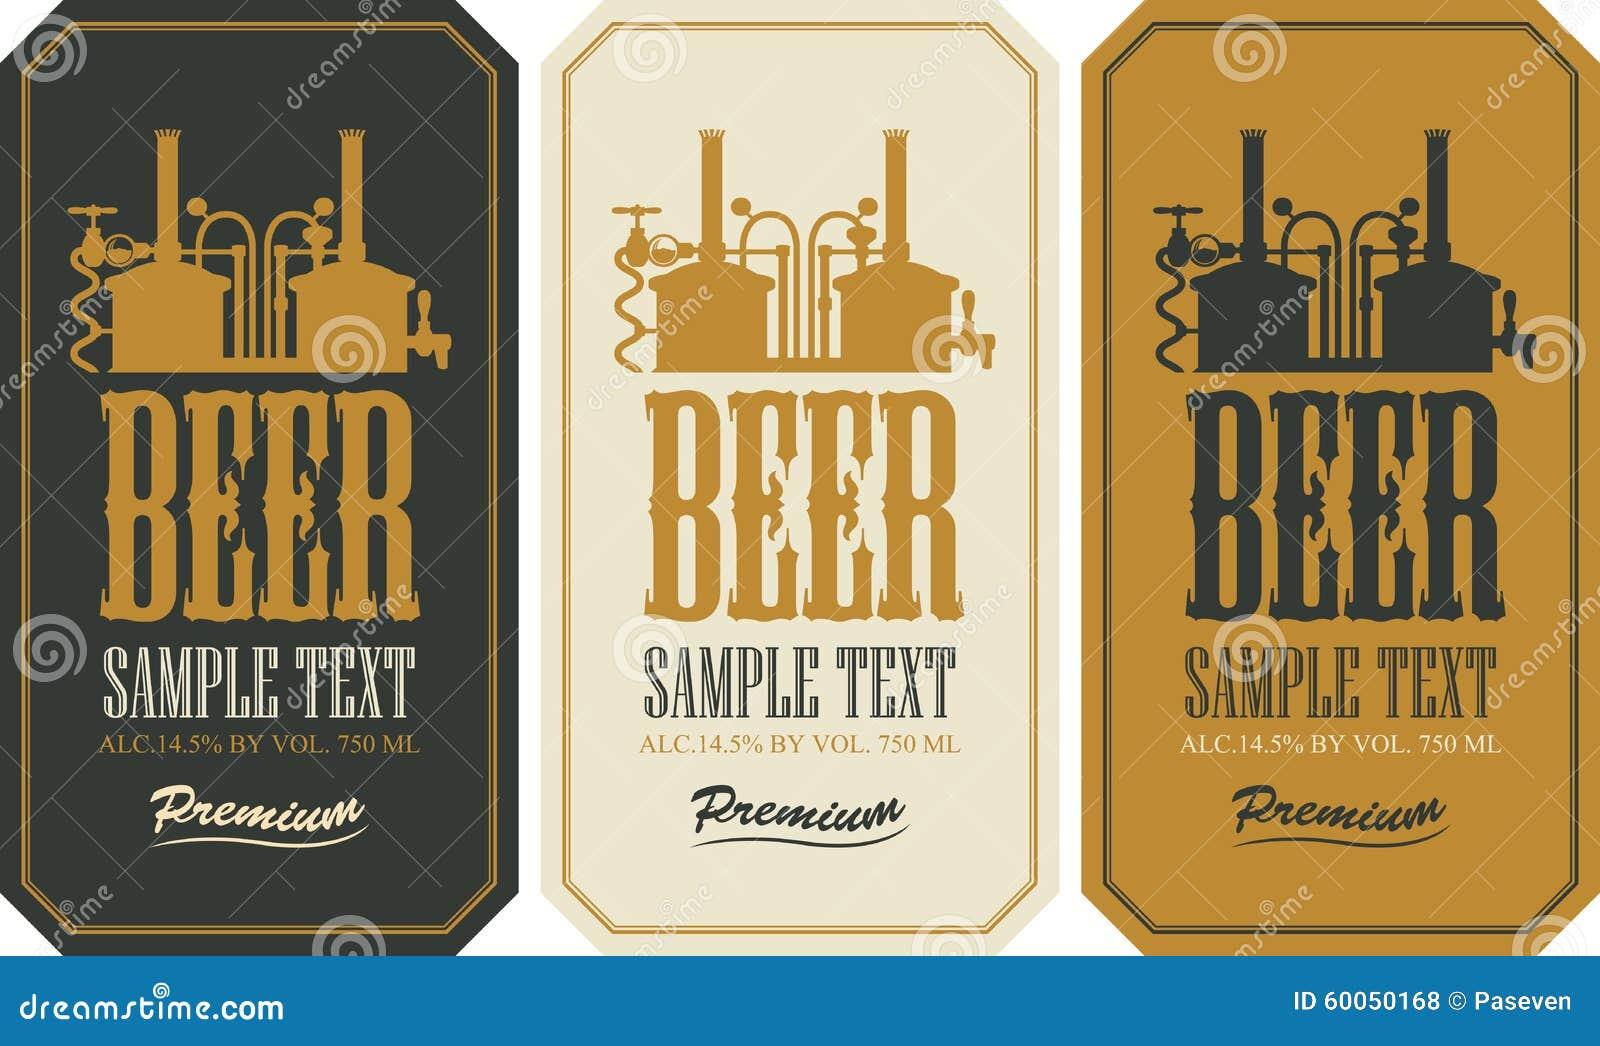 Beer label set stock vector image 60050168 for Beer label machine